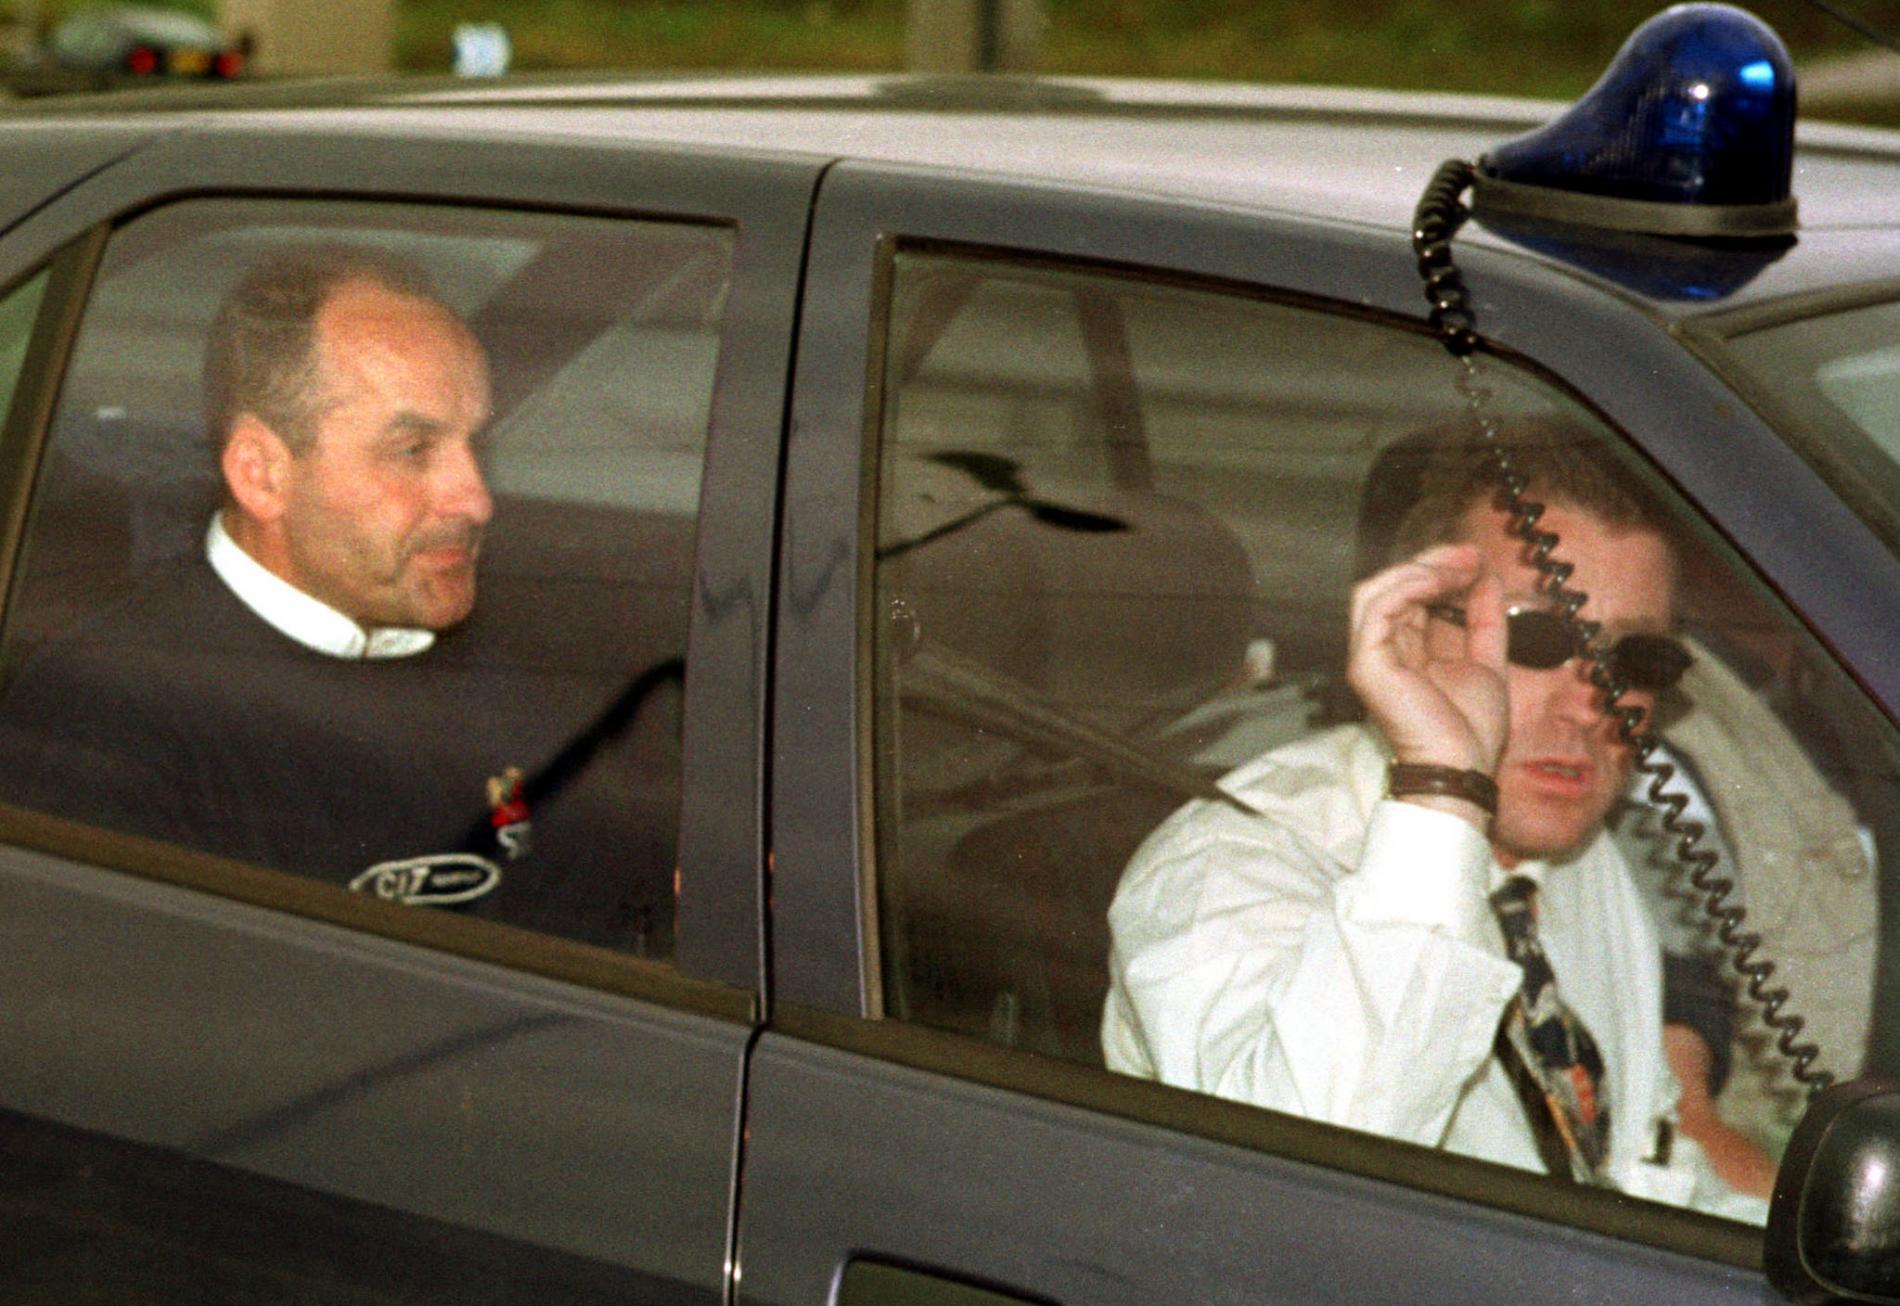 Le directeur sportif de l'équipe Festina, Bruno Roussel, est conduit au tribunal de Lille (Nord) sous escorte policière, le 17 juillet 1998.